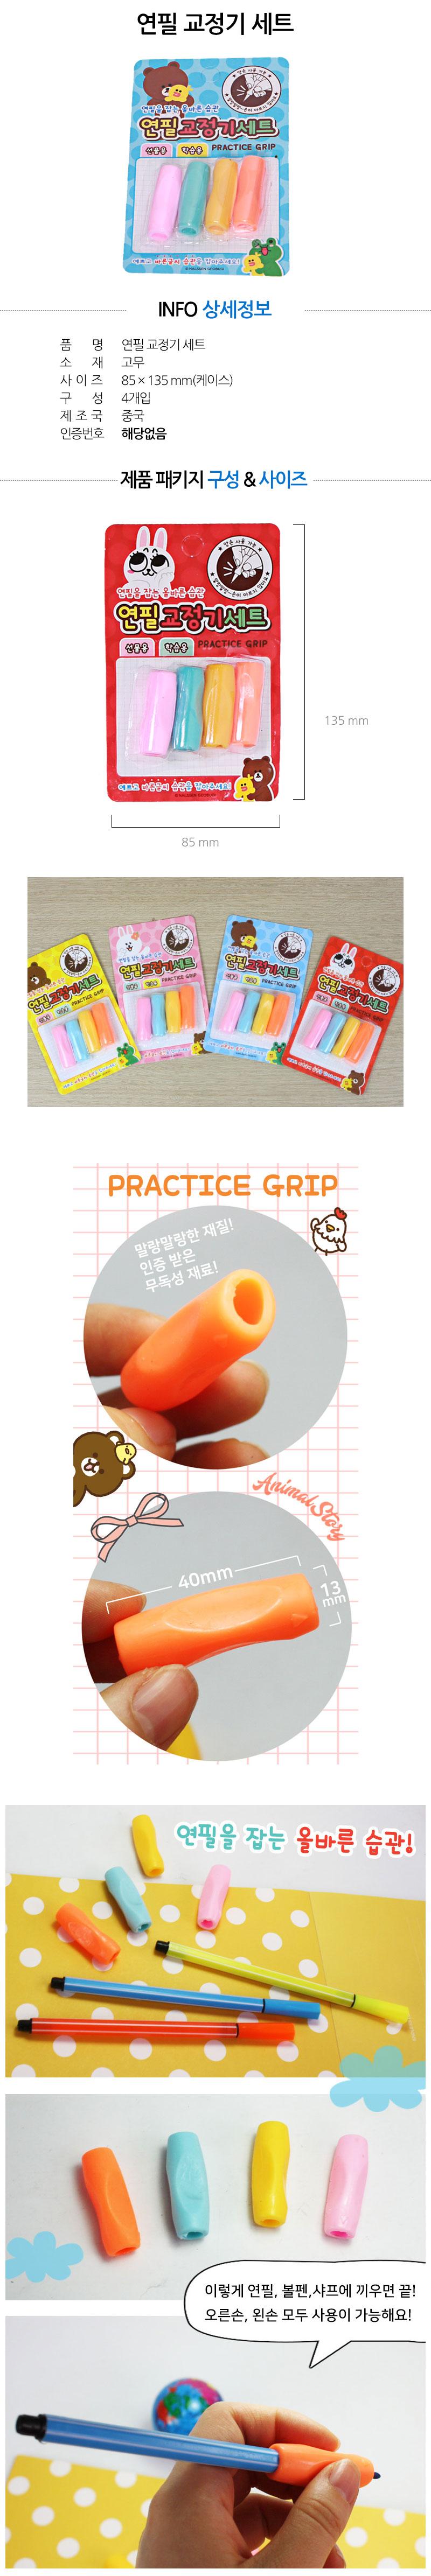 연필 교정기 세트 - 킹콩박스, 1,000원, 필기구 소품, 연필 그립